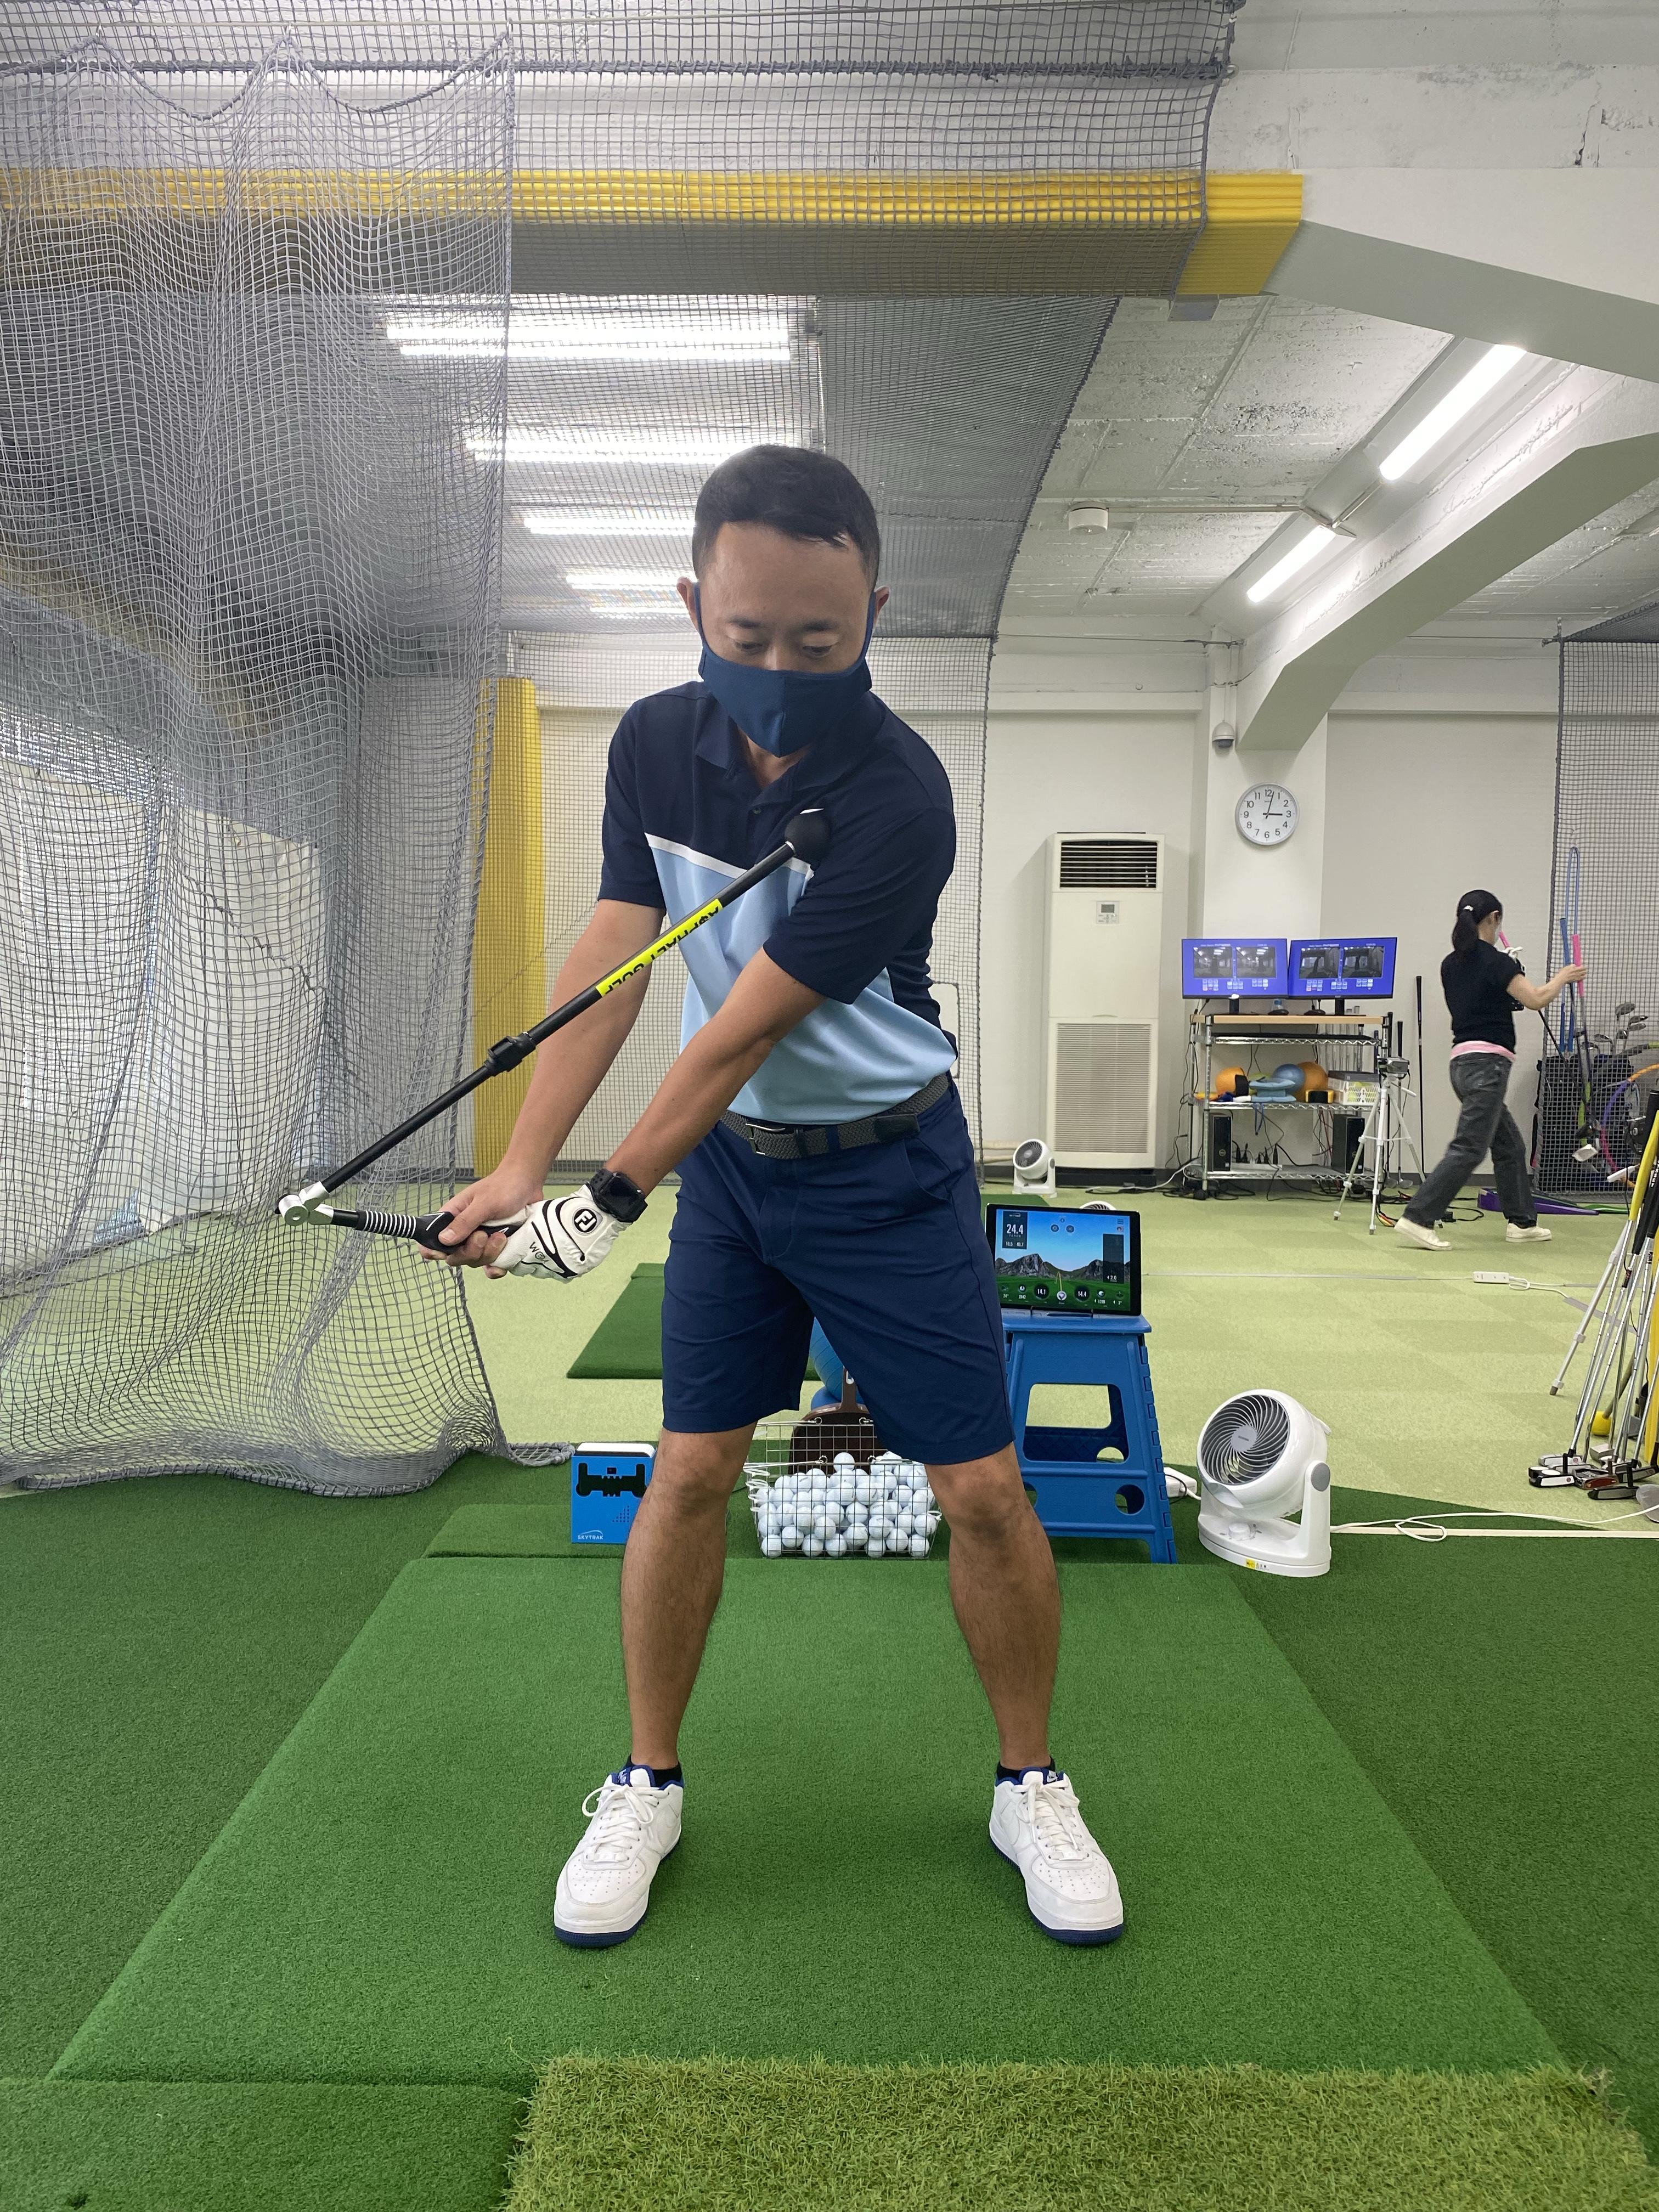 最新練習器具入手!パート①│池袋ゴルフアカデミー本校初心者館